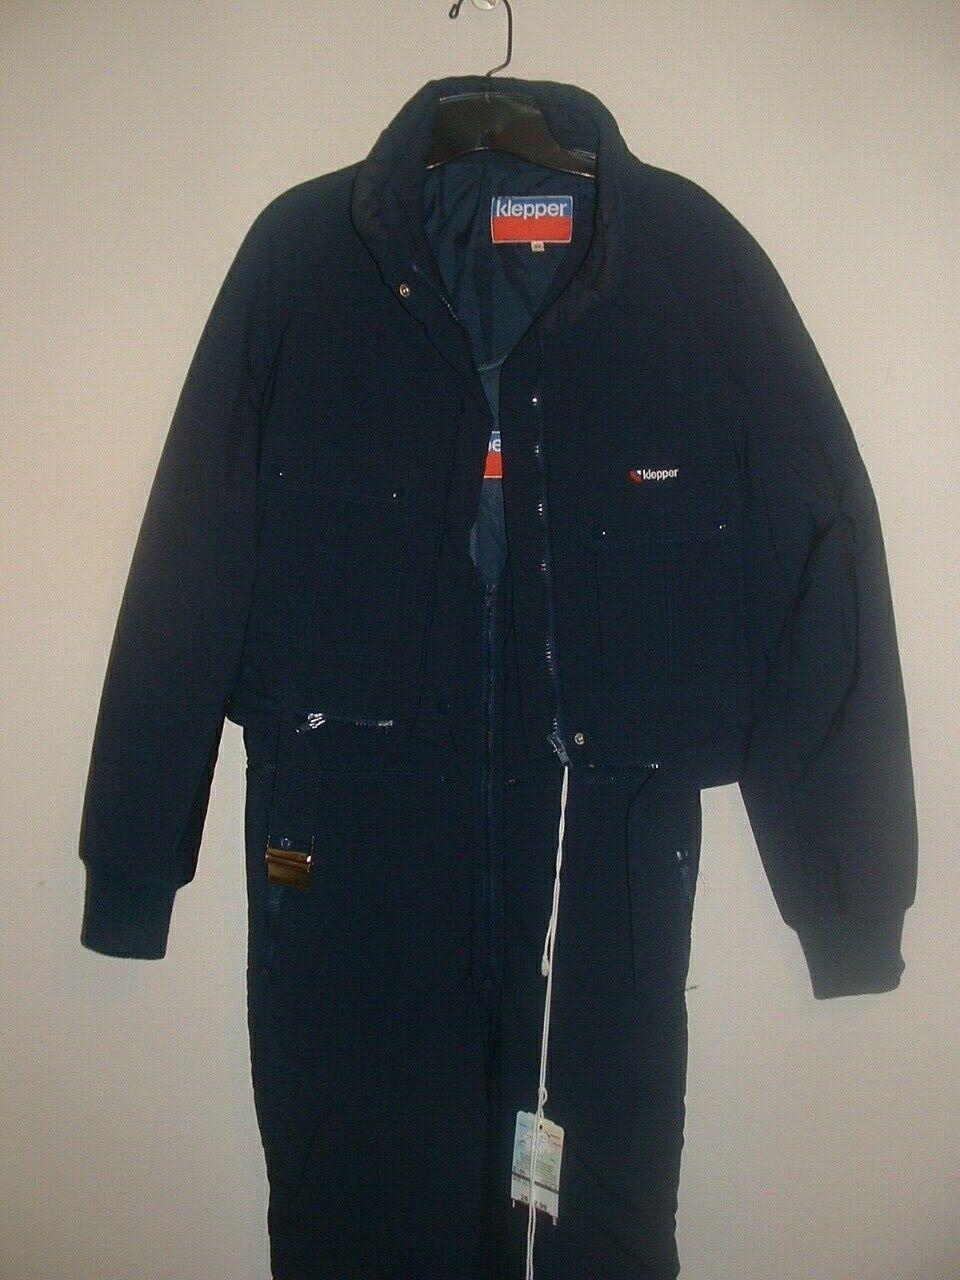 NWT Klepper 2 pc Ski Snowsuit Jacket plus Bibs women Size M/